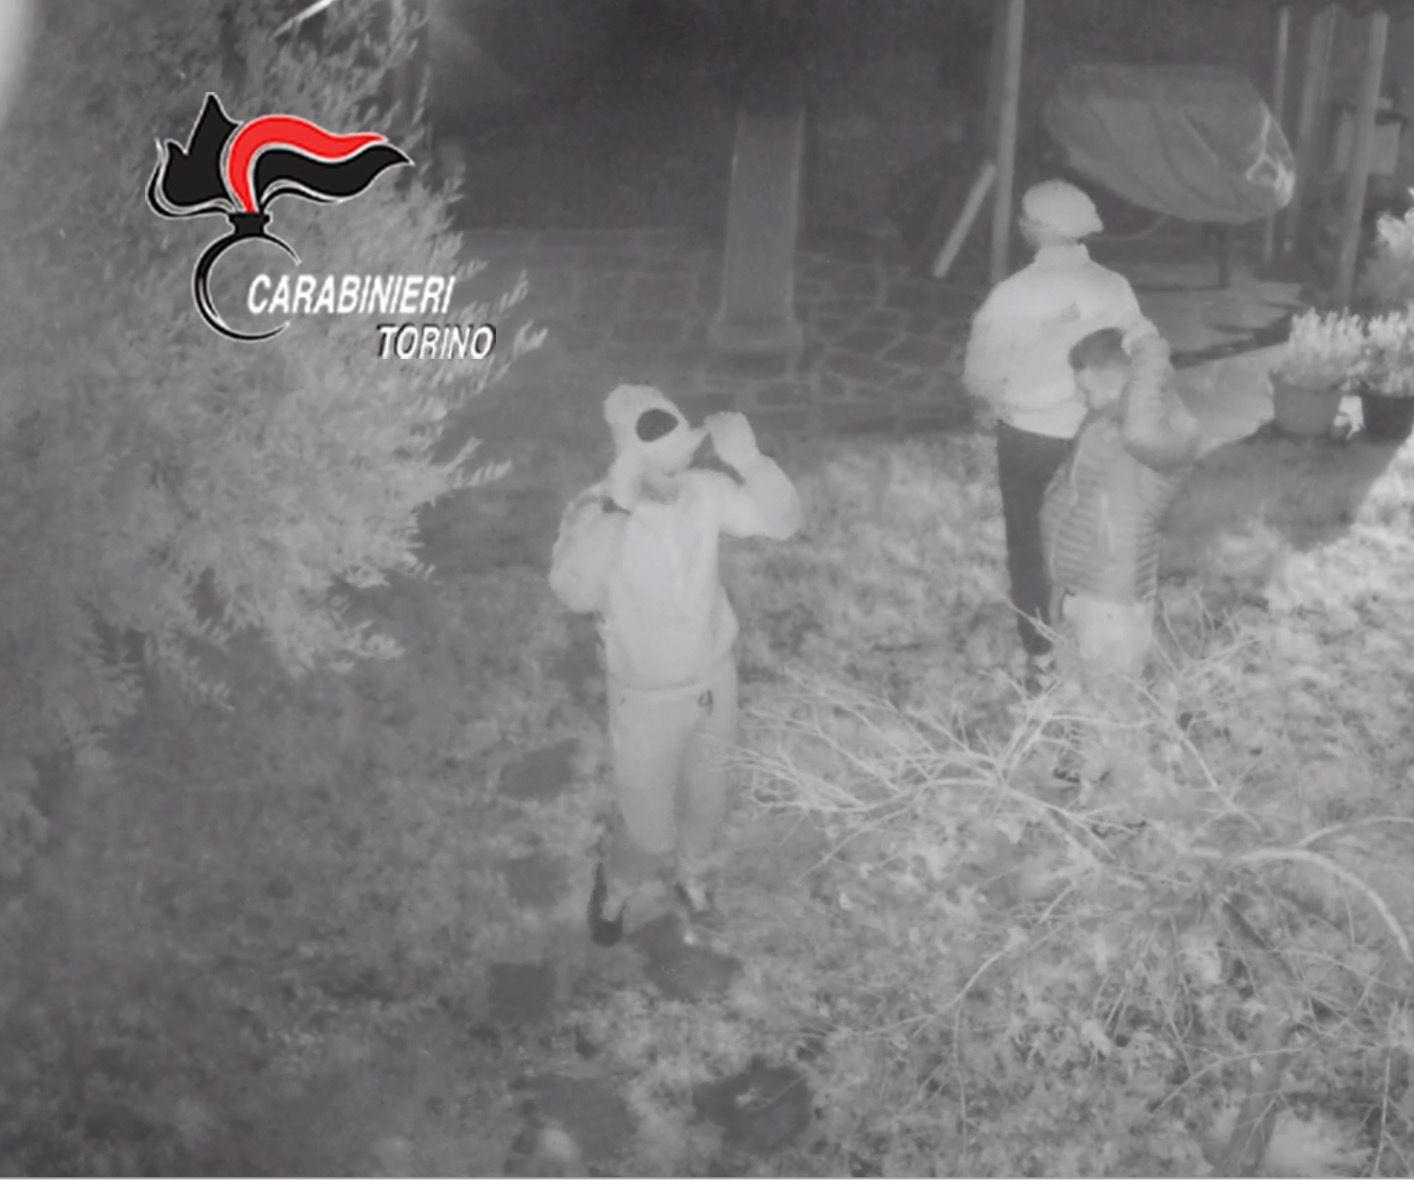 CANAVESE - Furti nelle case di Pont, Cuorgnè e Colleretto Castelnuovo: sei ladri arrestati dai carabinieri - VIDEO